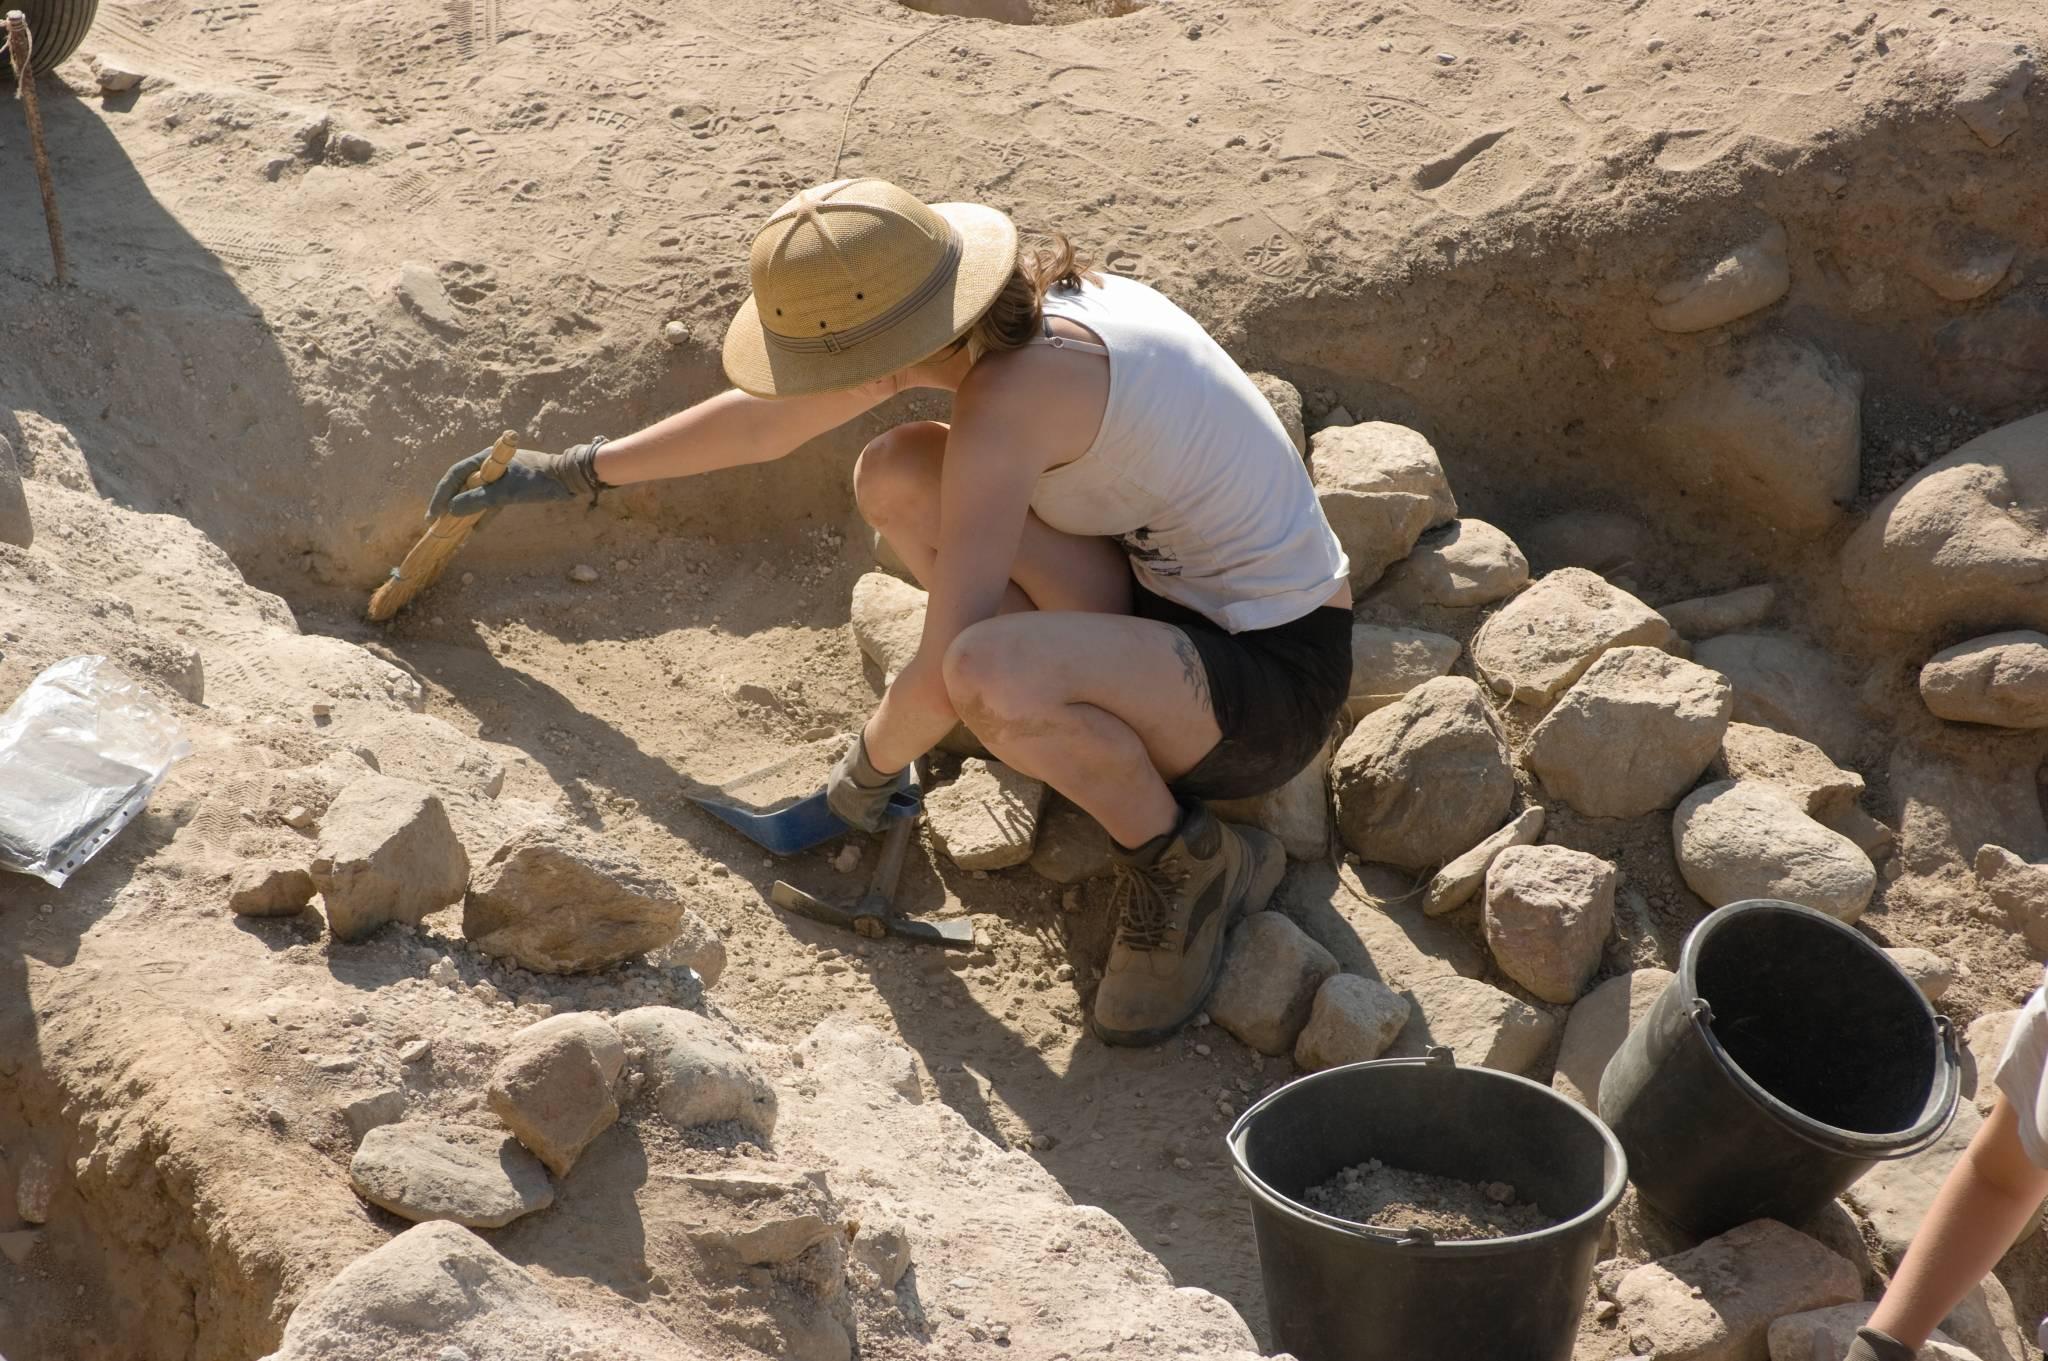 Odkrywanie przeszłości: Jak naprawdę wygląda praca archeologa?